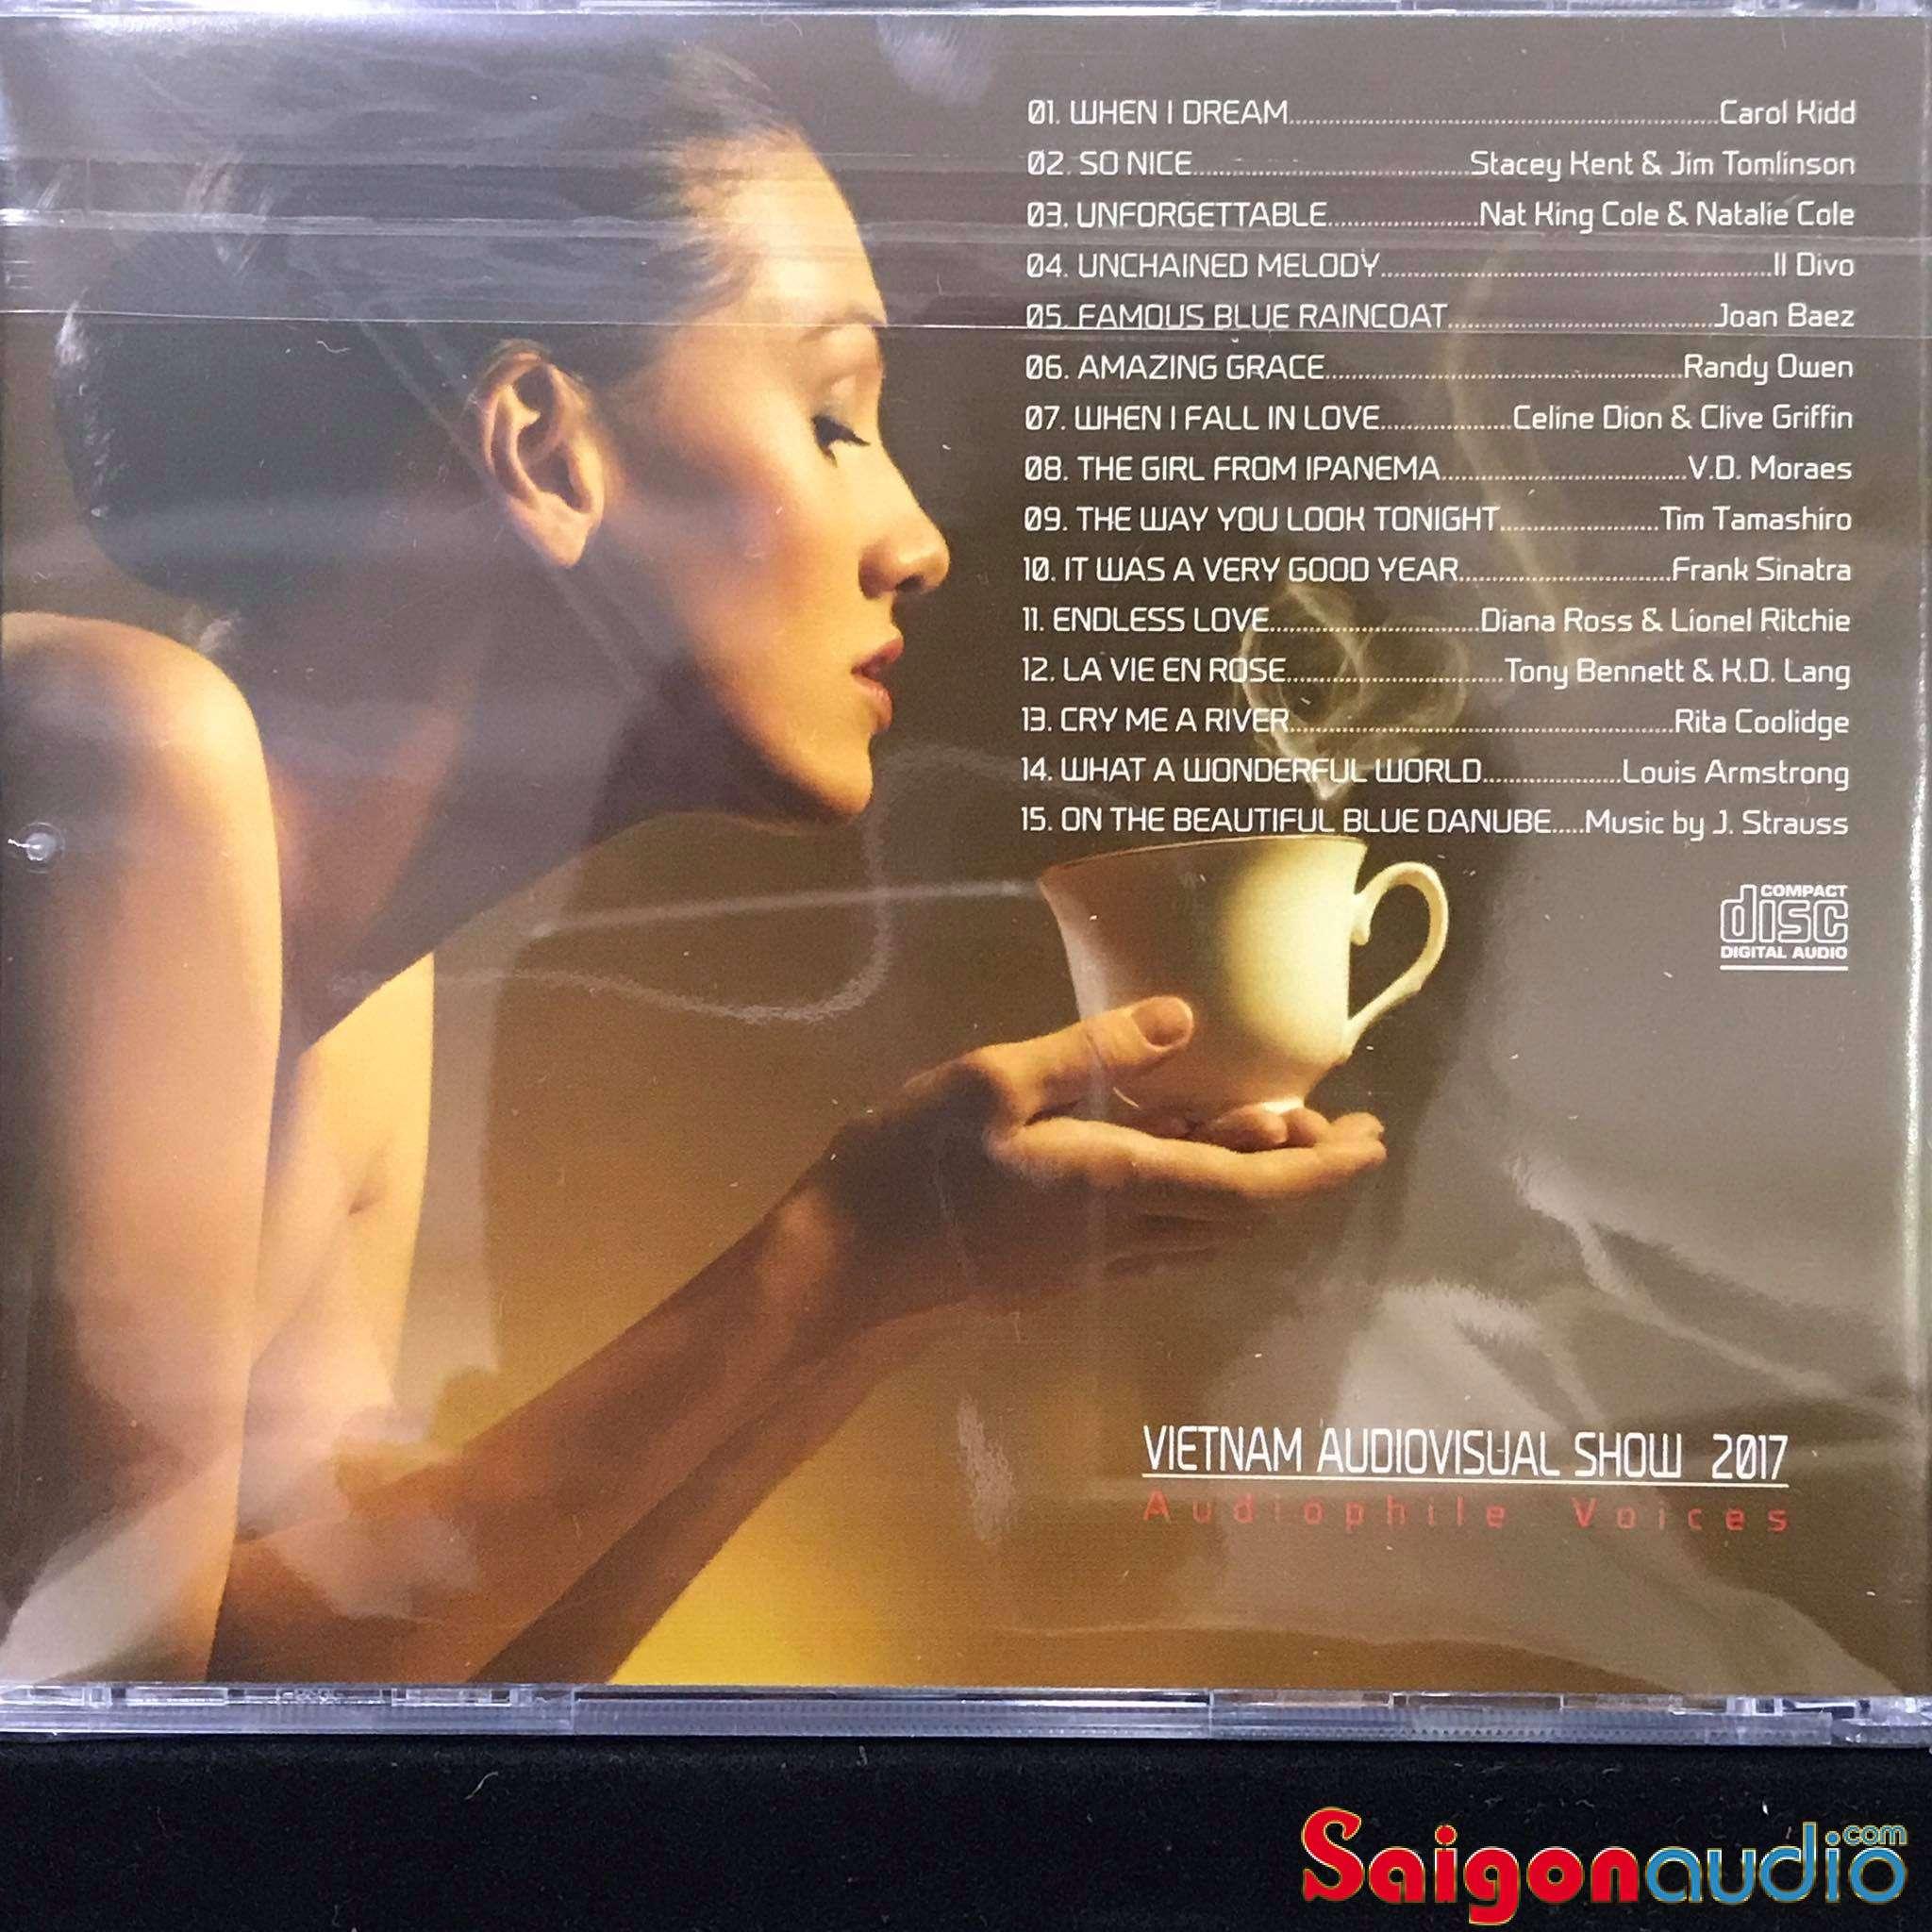 Đĩa CD nhạc Audiophile Voices Vietnam Audiovisual Show 2017 (Free ship khi mua 2 đĩa CD cùng hoặc khác loại)